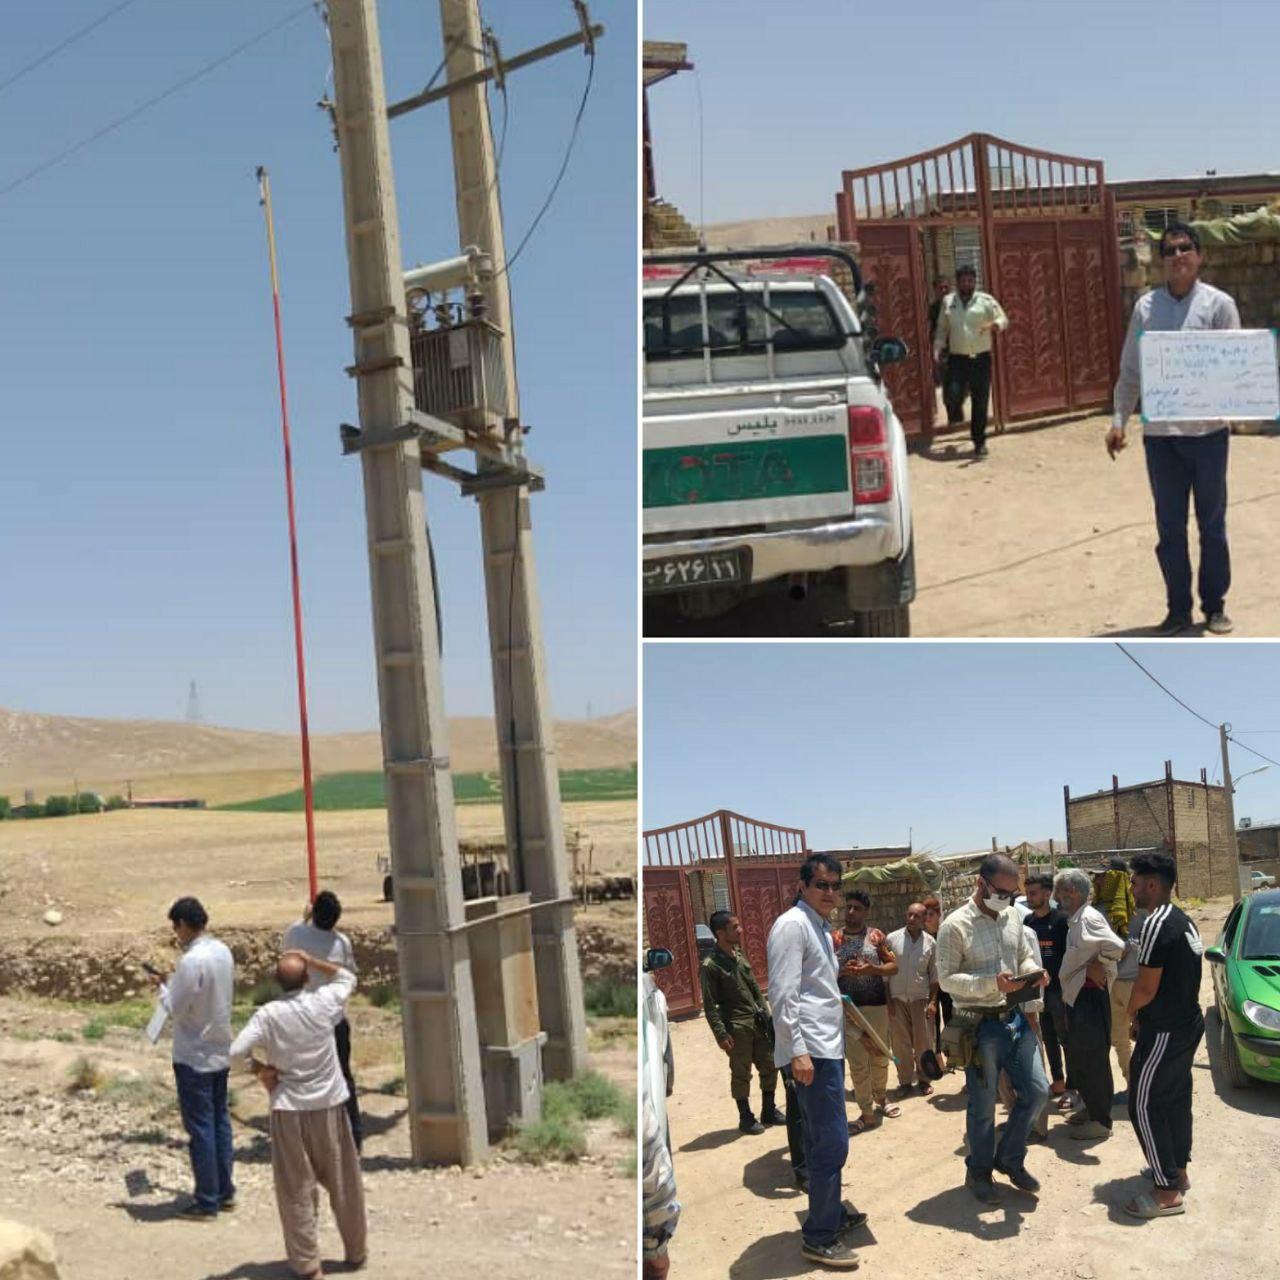 برق یک حلقه چاه صنعتی واقع در منطقه پریان شهرستان کوهدشت که دارای اضافه برداشت و تغییر کاربری بود با حکم قضایی قطع گردید